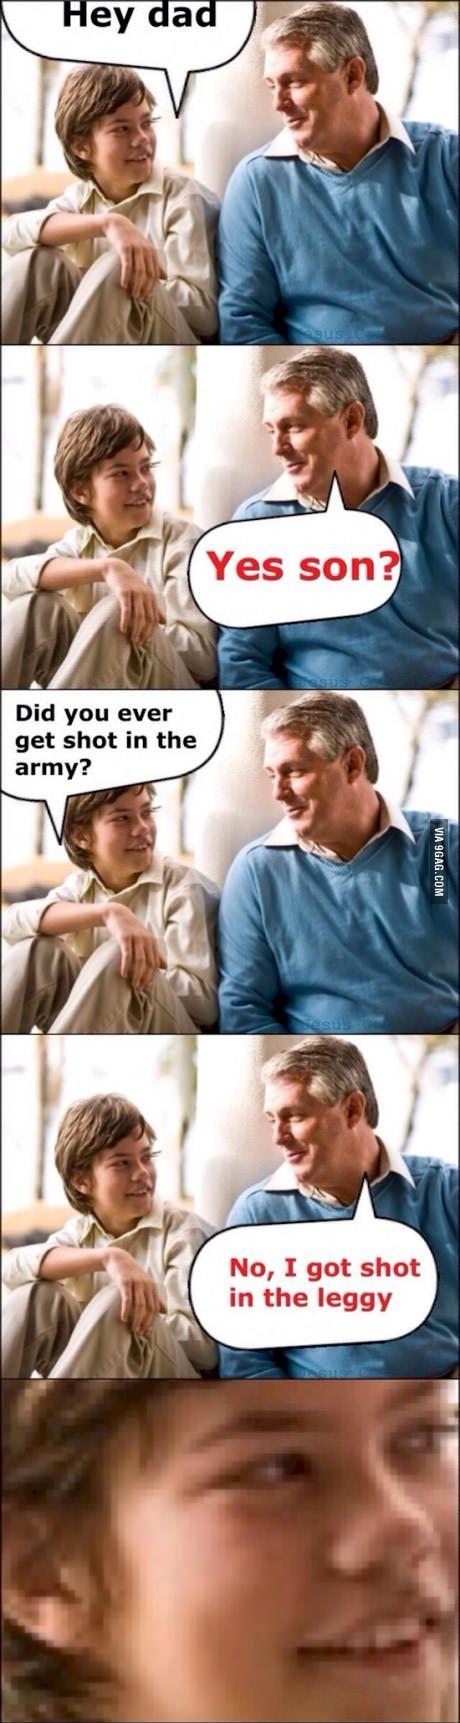 Dad joke is the best joke